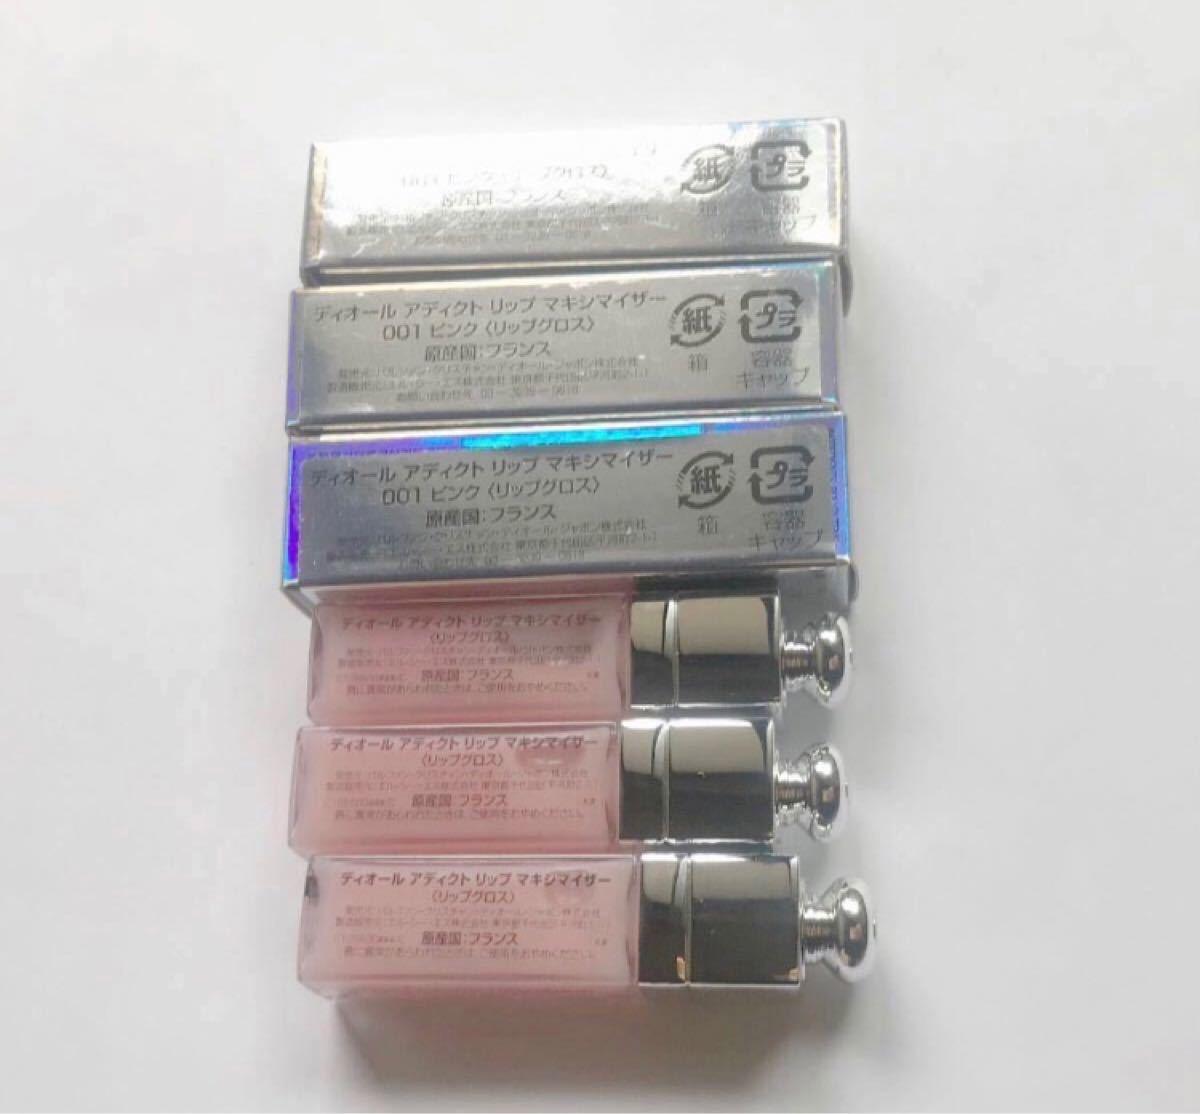 Dior ディオール アディクトリップマキシマイザー001ピンク ミニ 3本